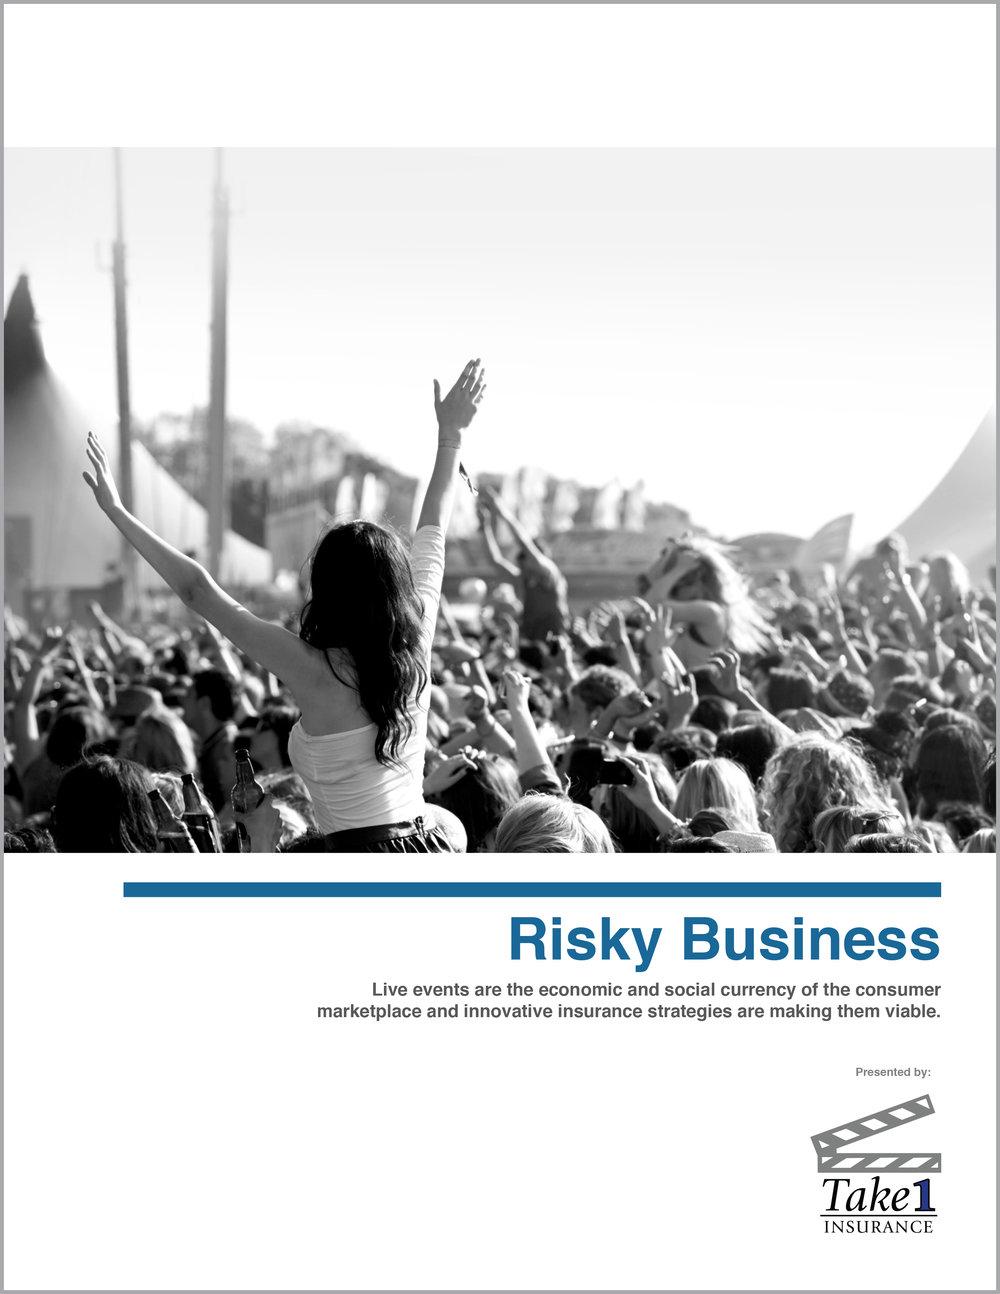 Take1 Risky Business Whitepaper Cover.jpg